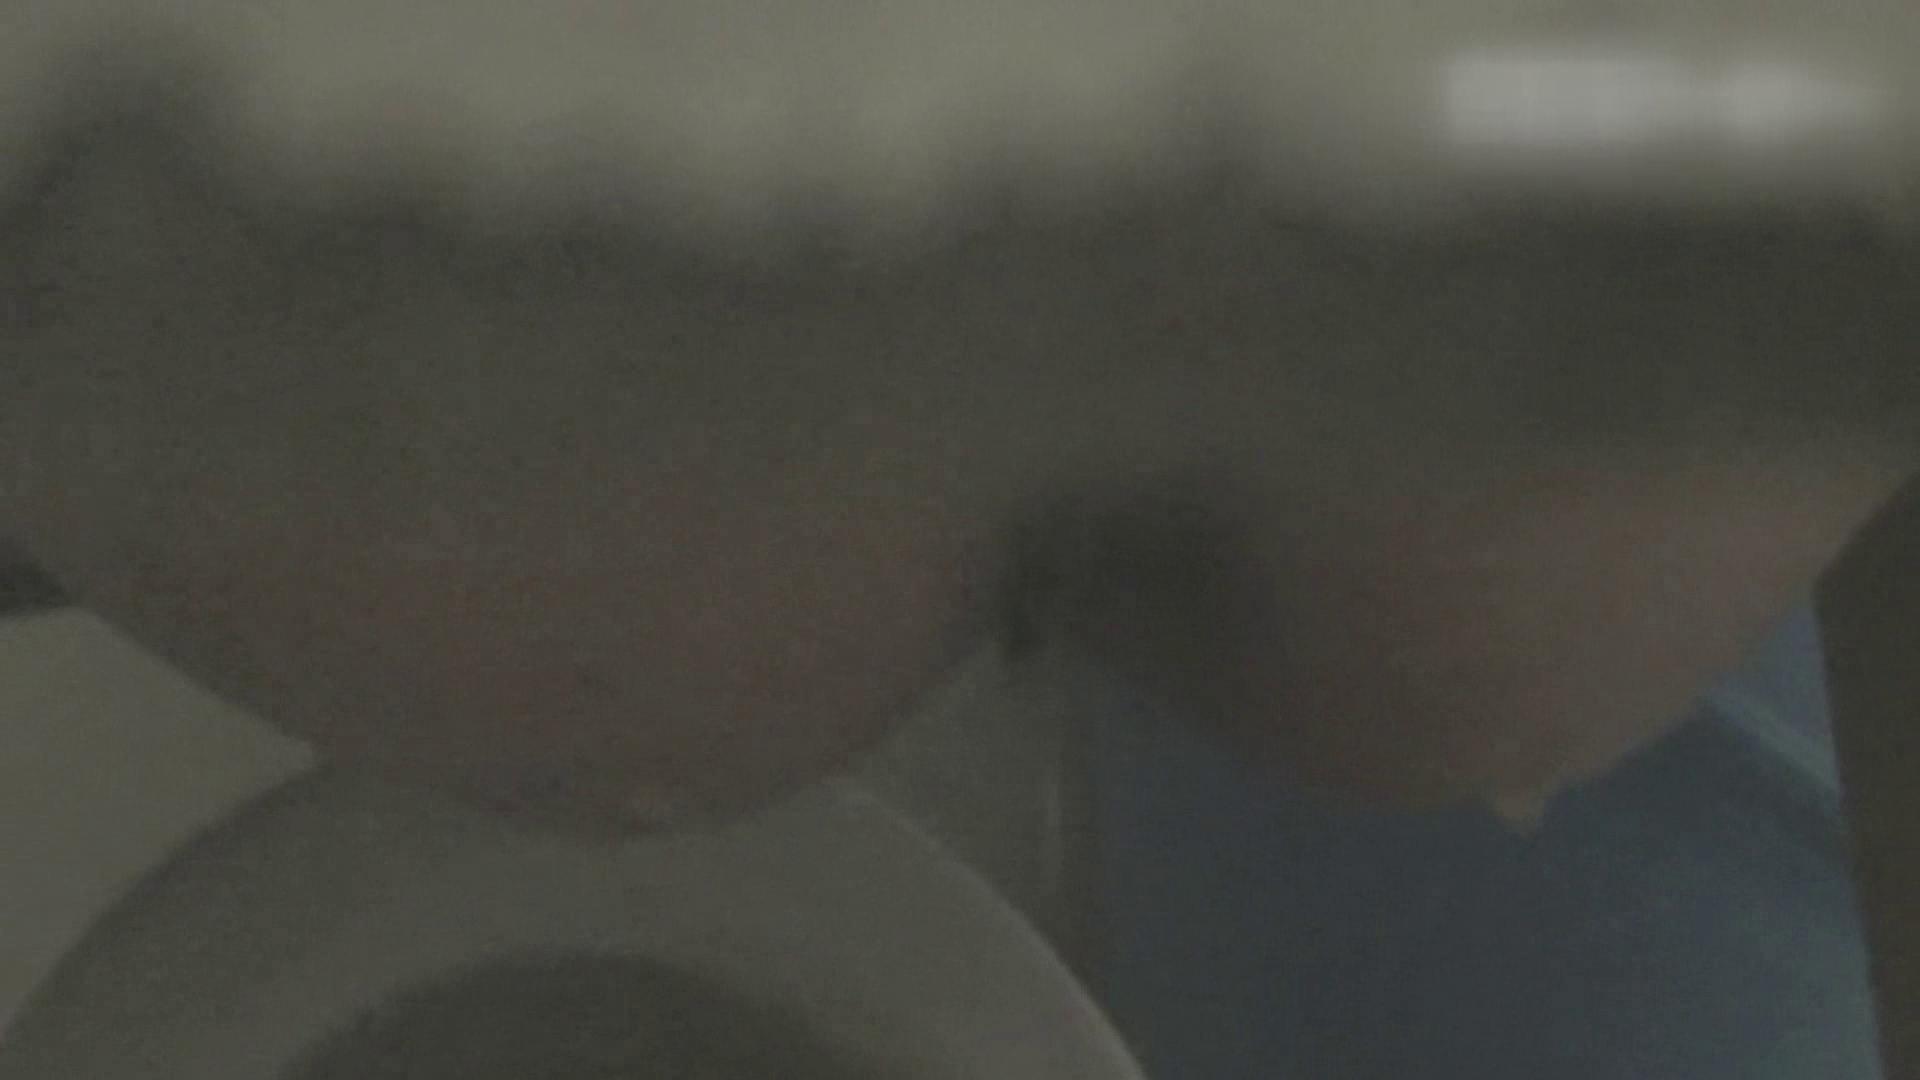 ロックハンドさんの盗撮記録File.08 リアル黄金水 セックス画像 91画像 23